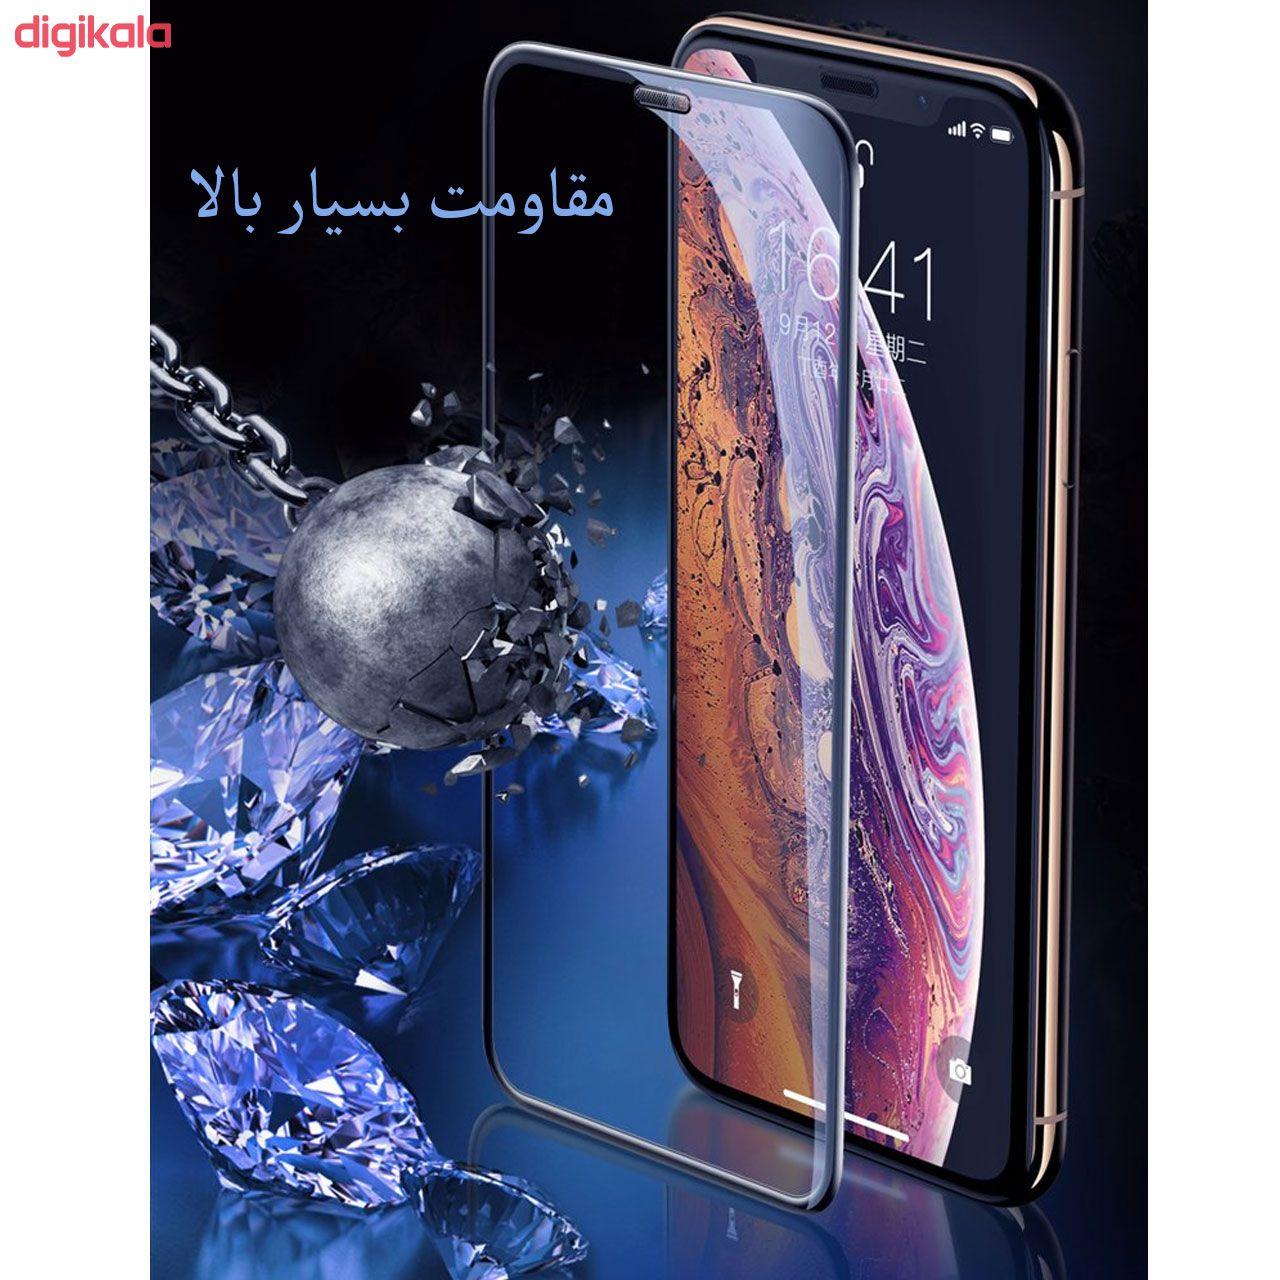 محافظ صفحه نمایش مدل FCG مناسب برای گوشی موبایل اپل iPhone 12 mini بسته دو عددی main 1 12